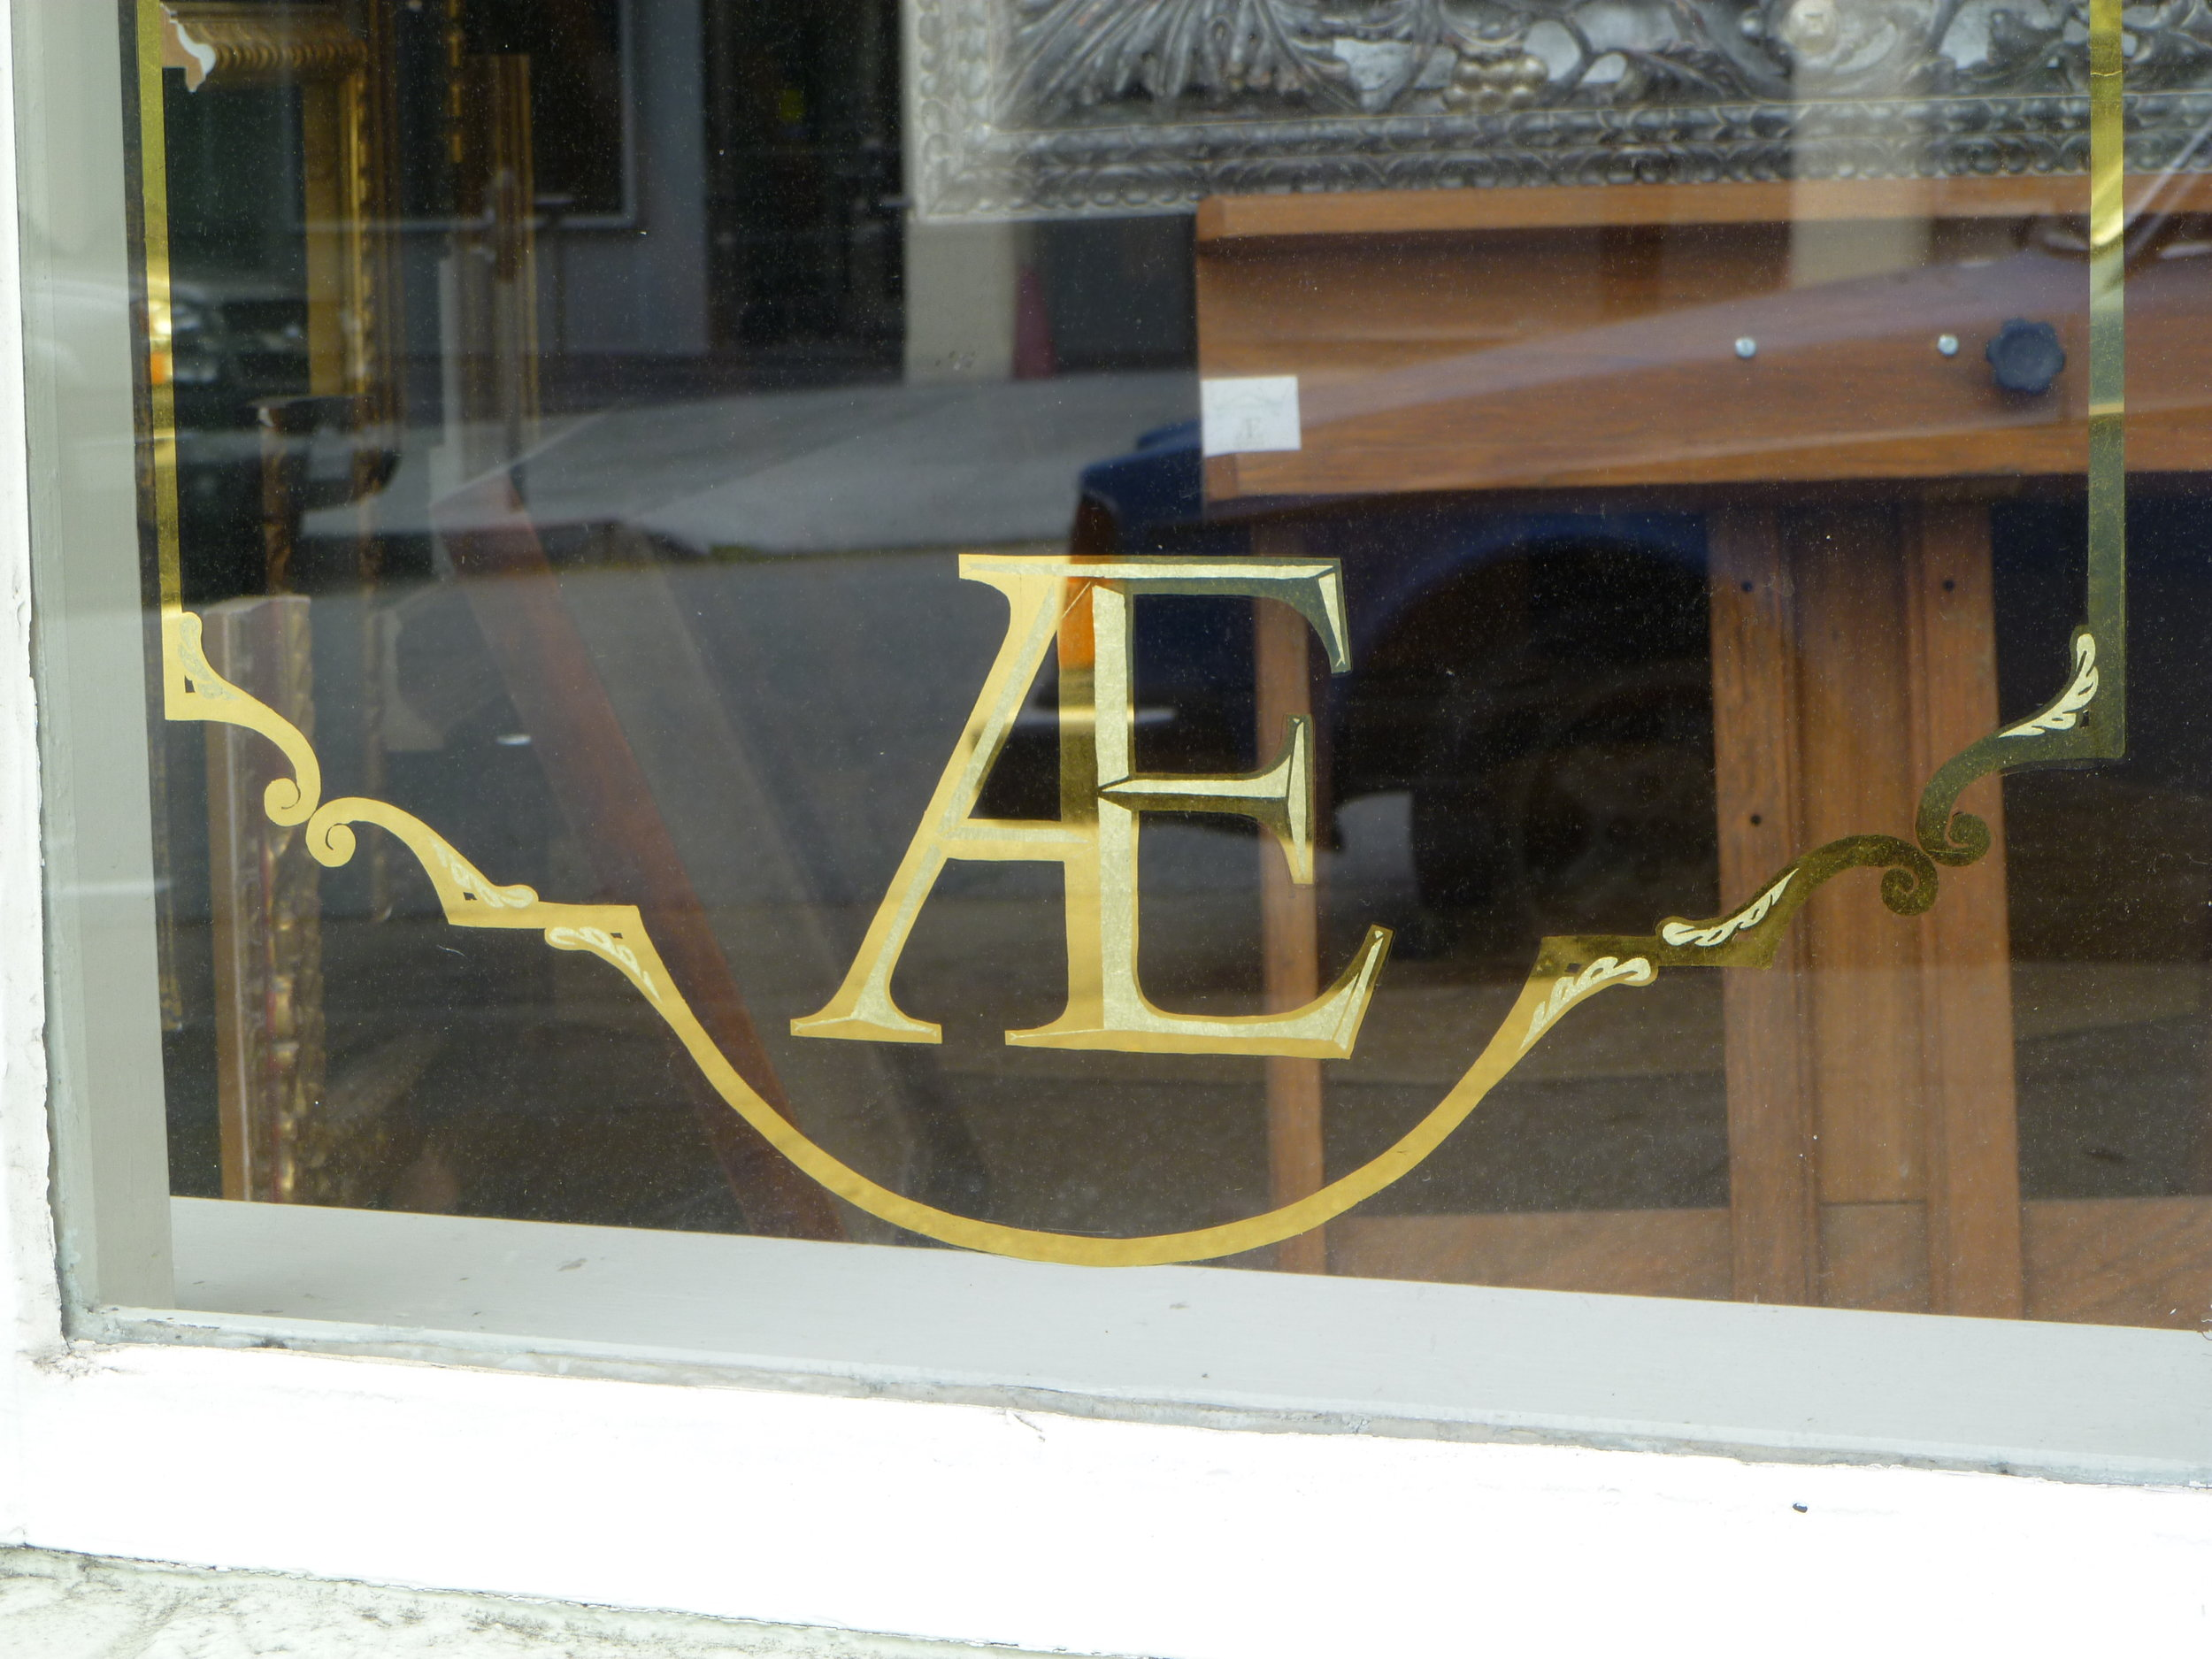 GOLD-aedicule-window-detail_5006783192_o.jpg